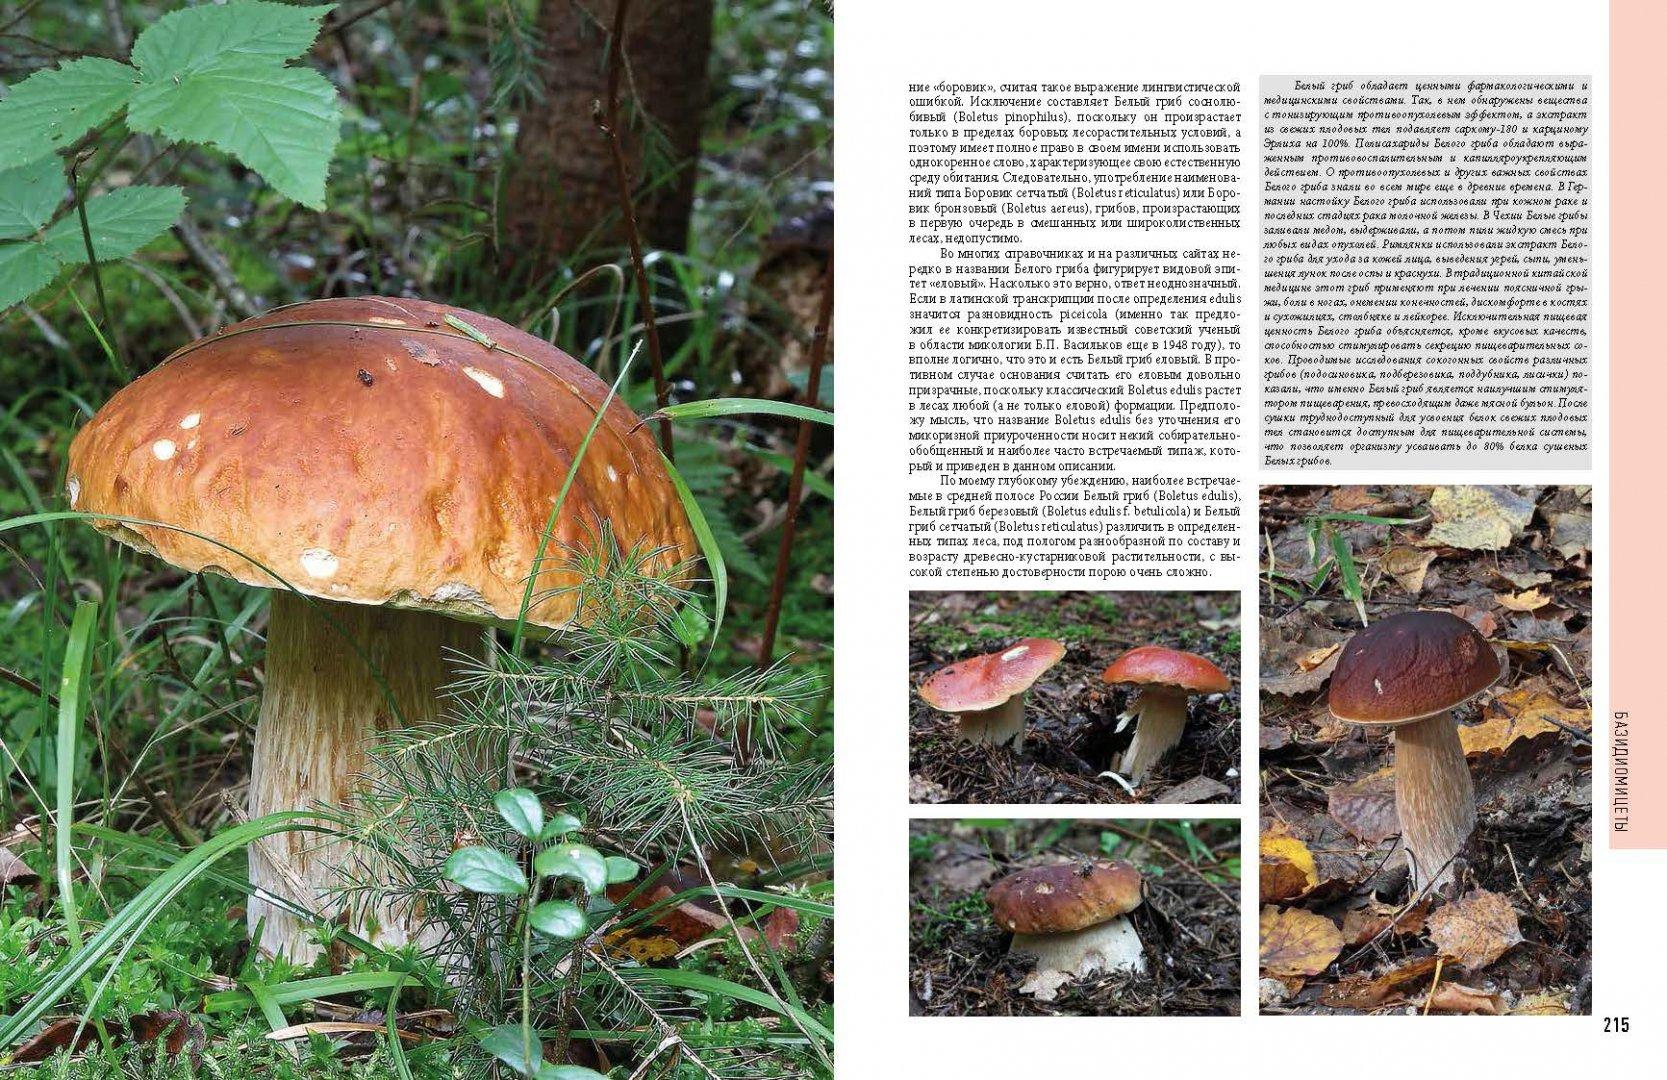 воспринимаем каталог грибов с фото и описанием россии грибная